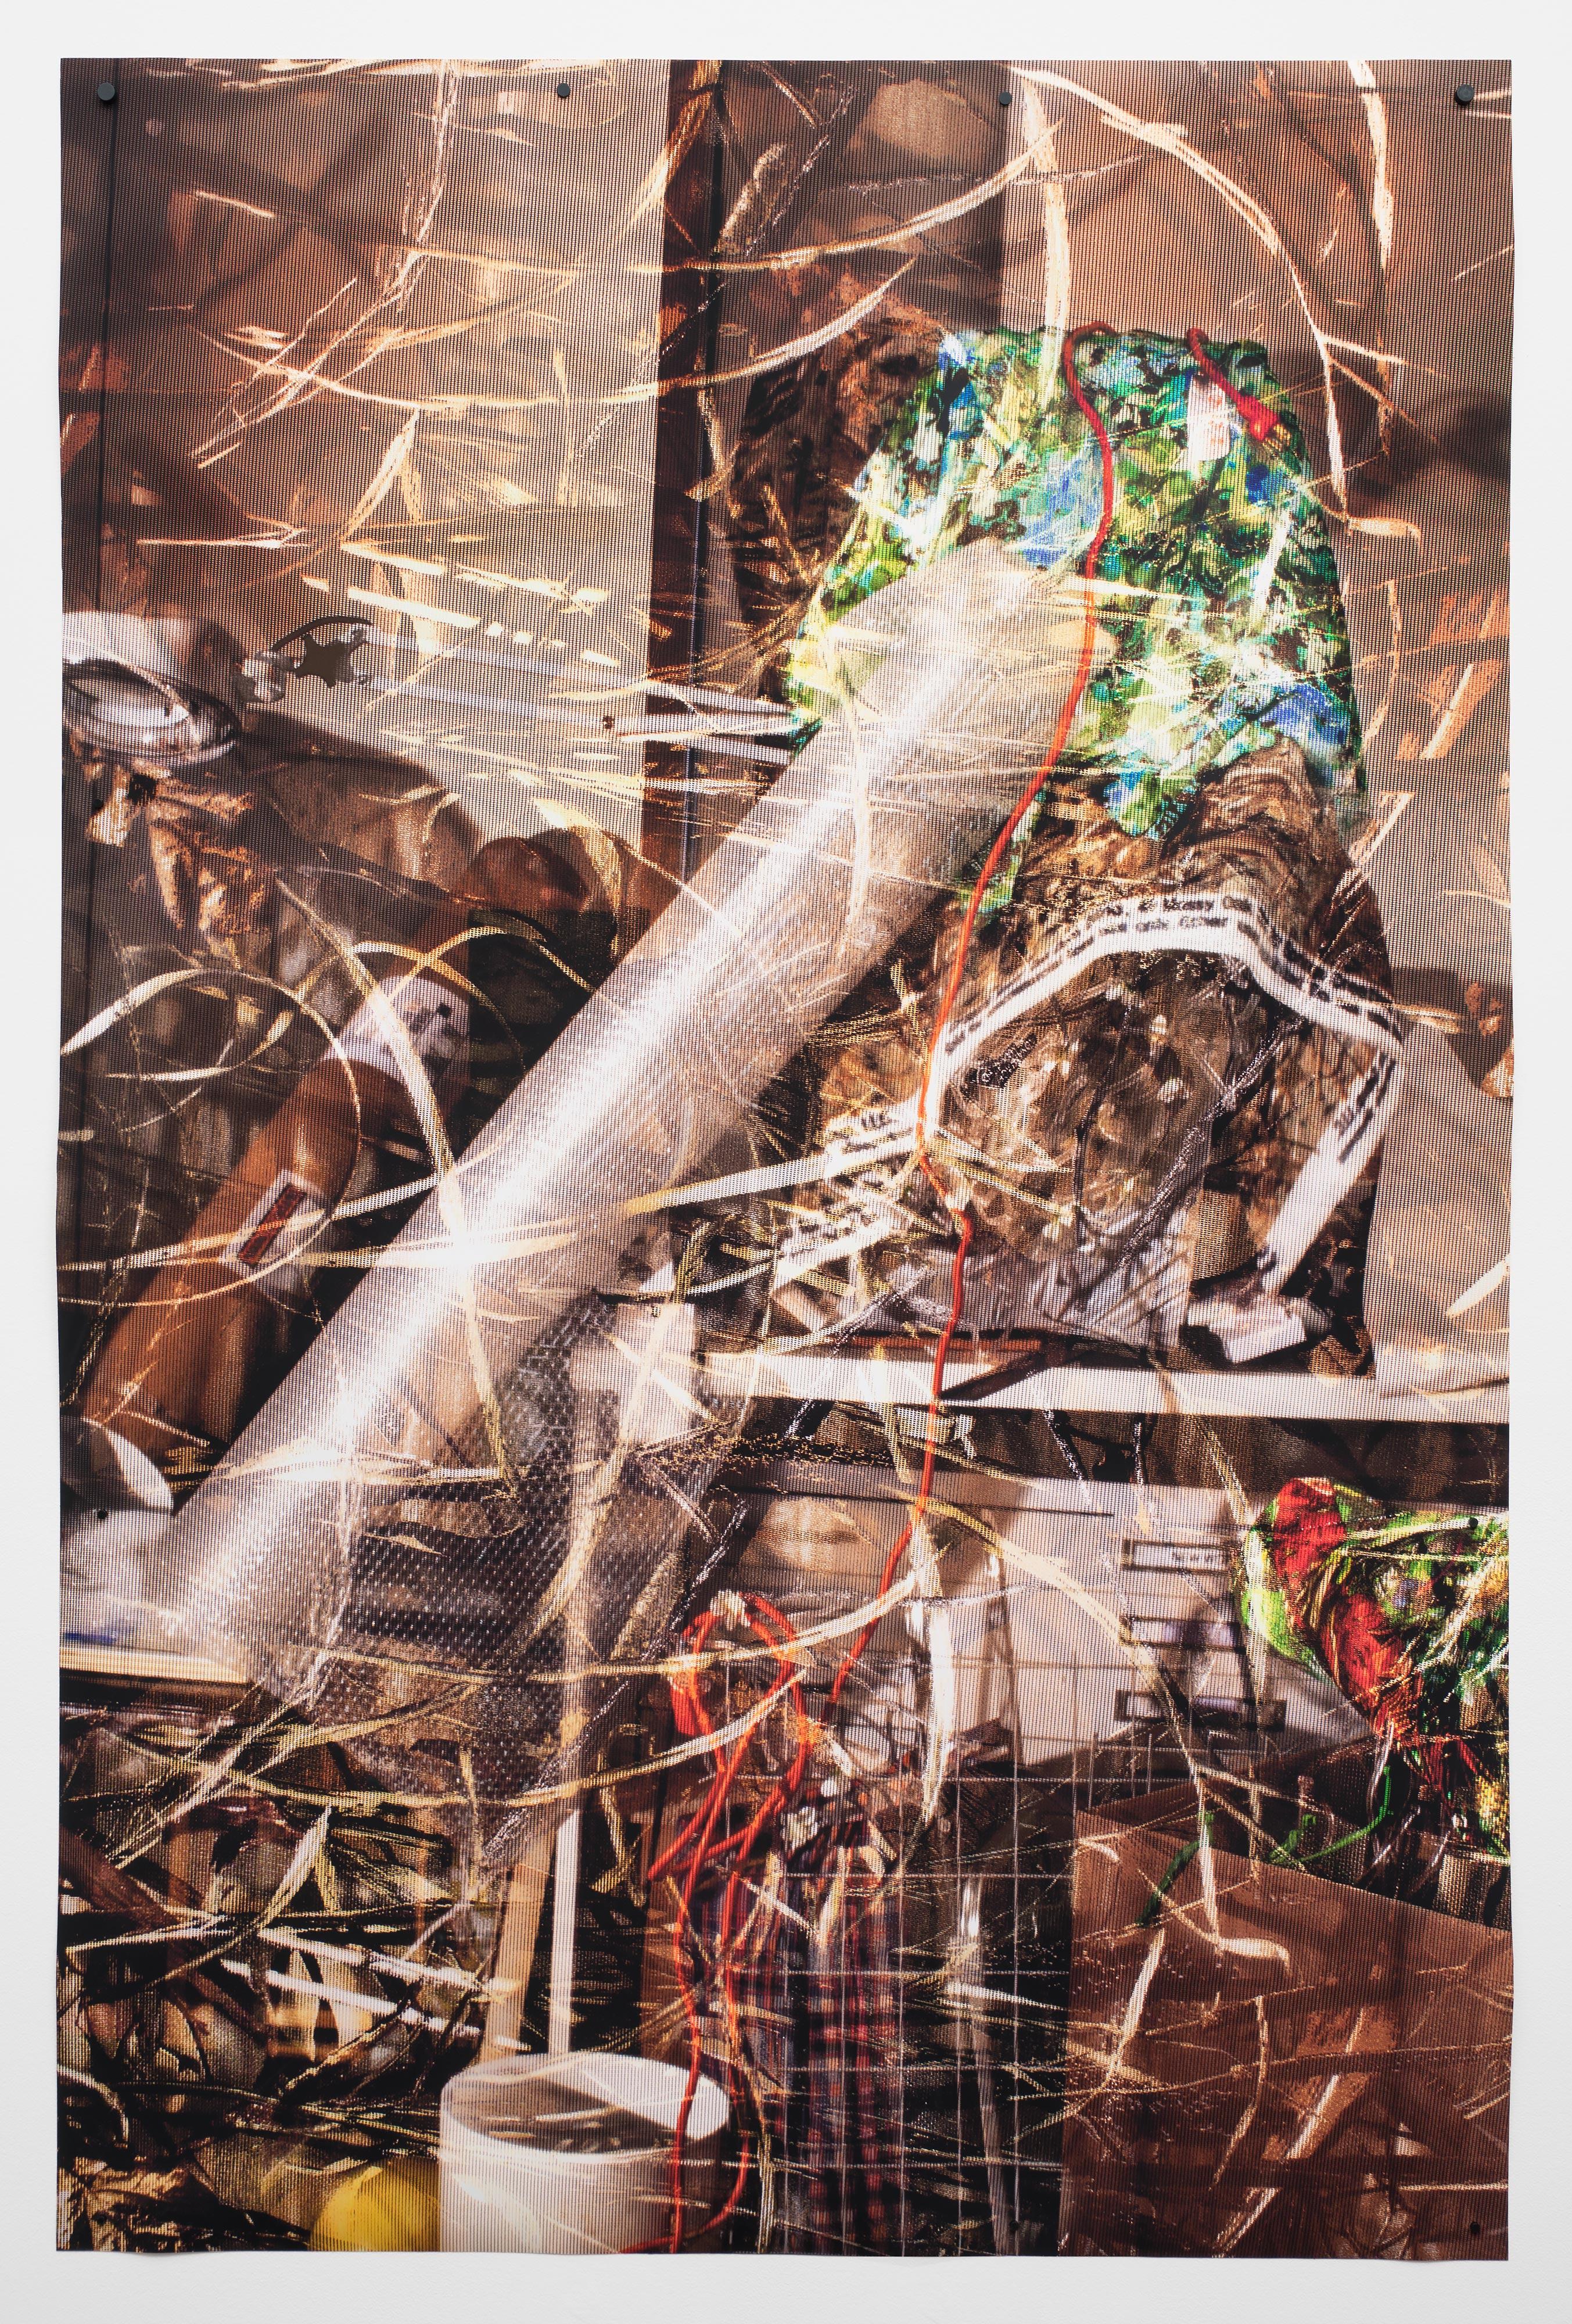 ELLEN BROOKS<br>Untitled (bubble wrap)<br>2017<br>Digital pigment print<br>60 x 40 in (155 x102 cm)